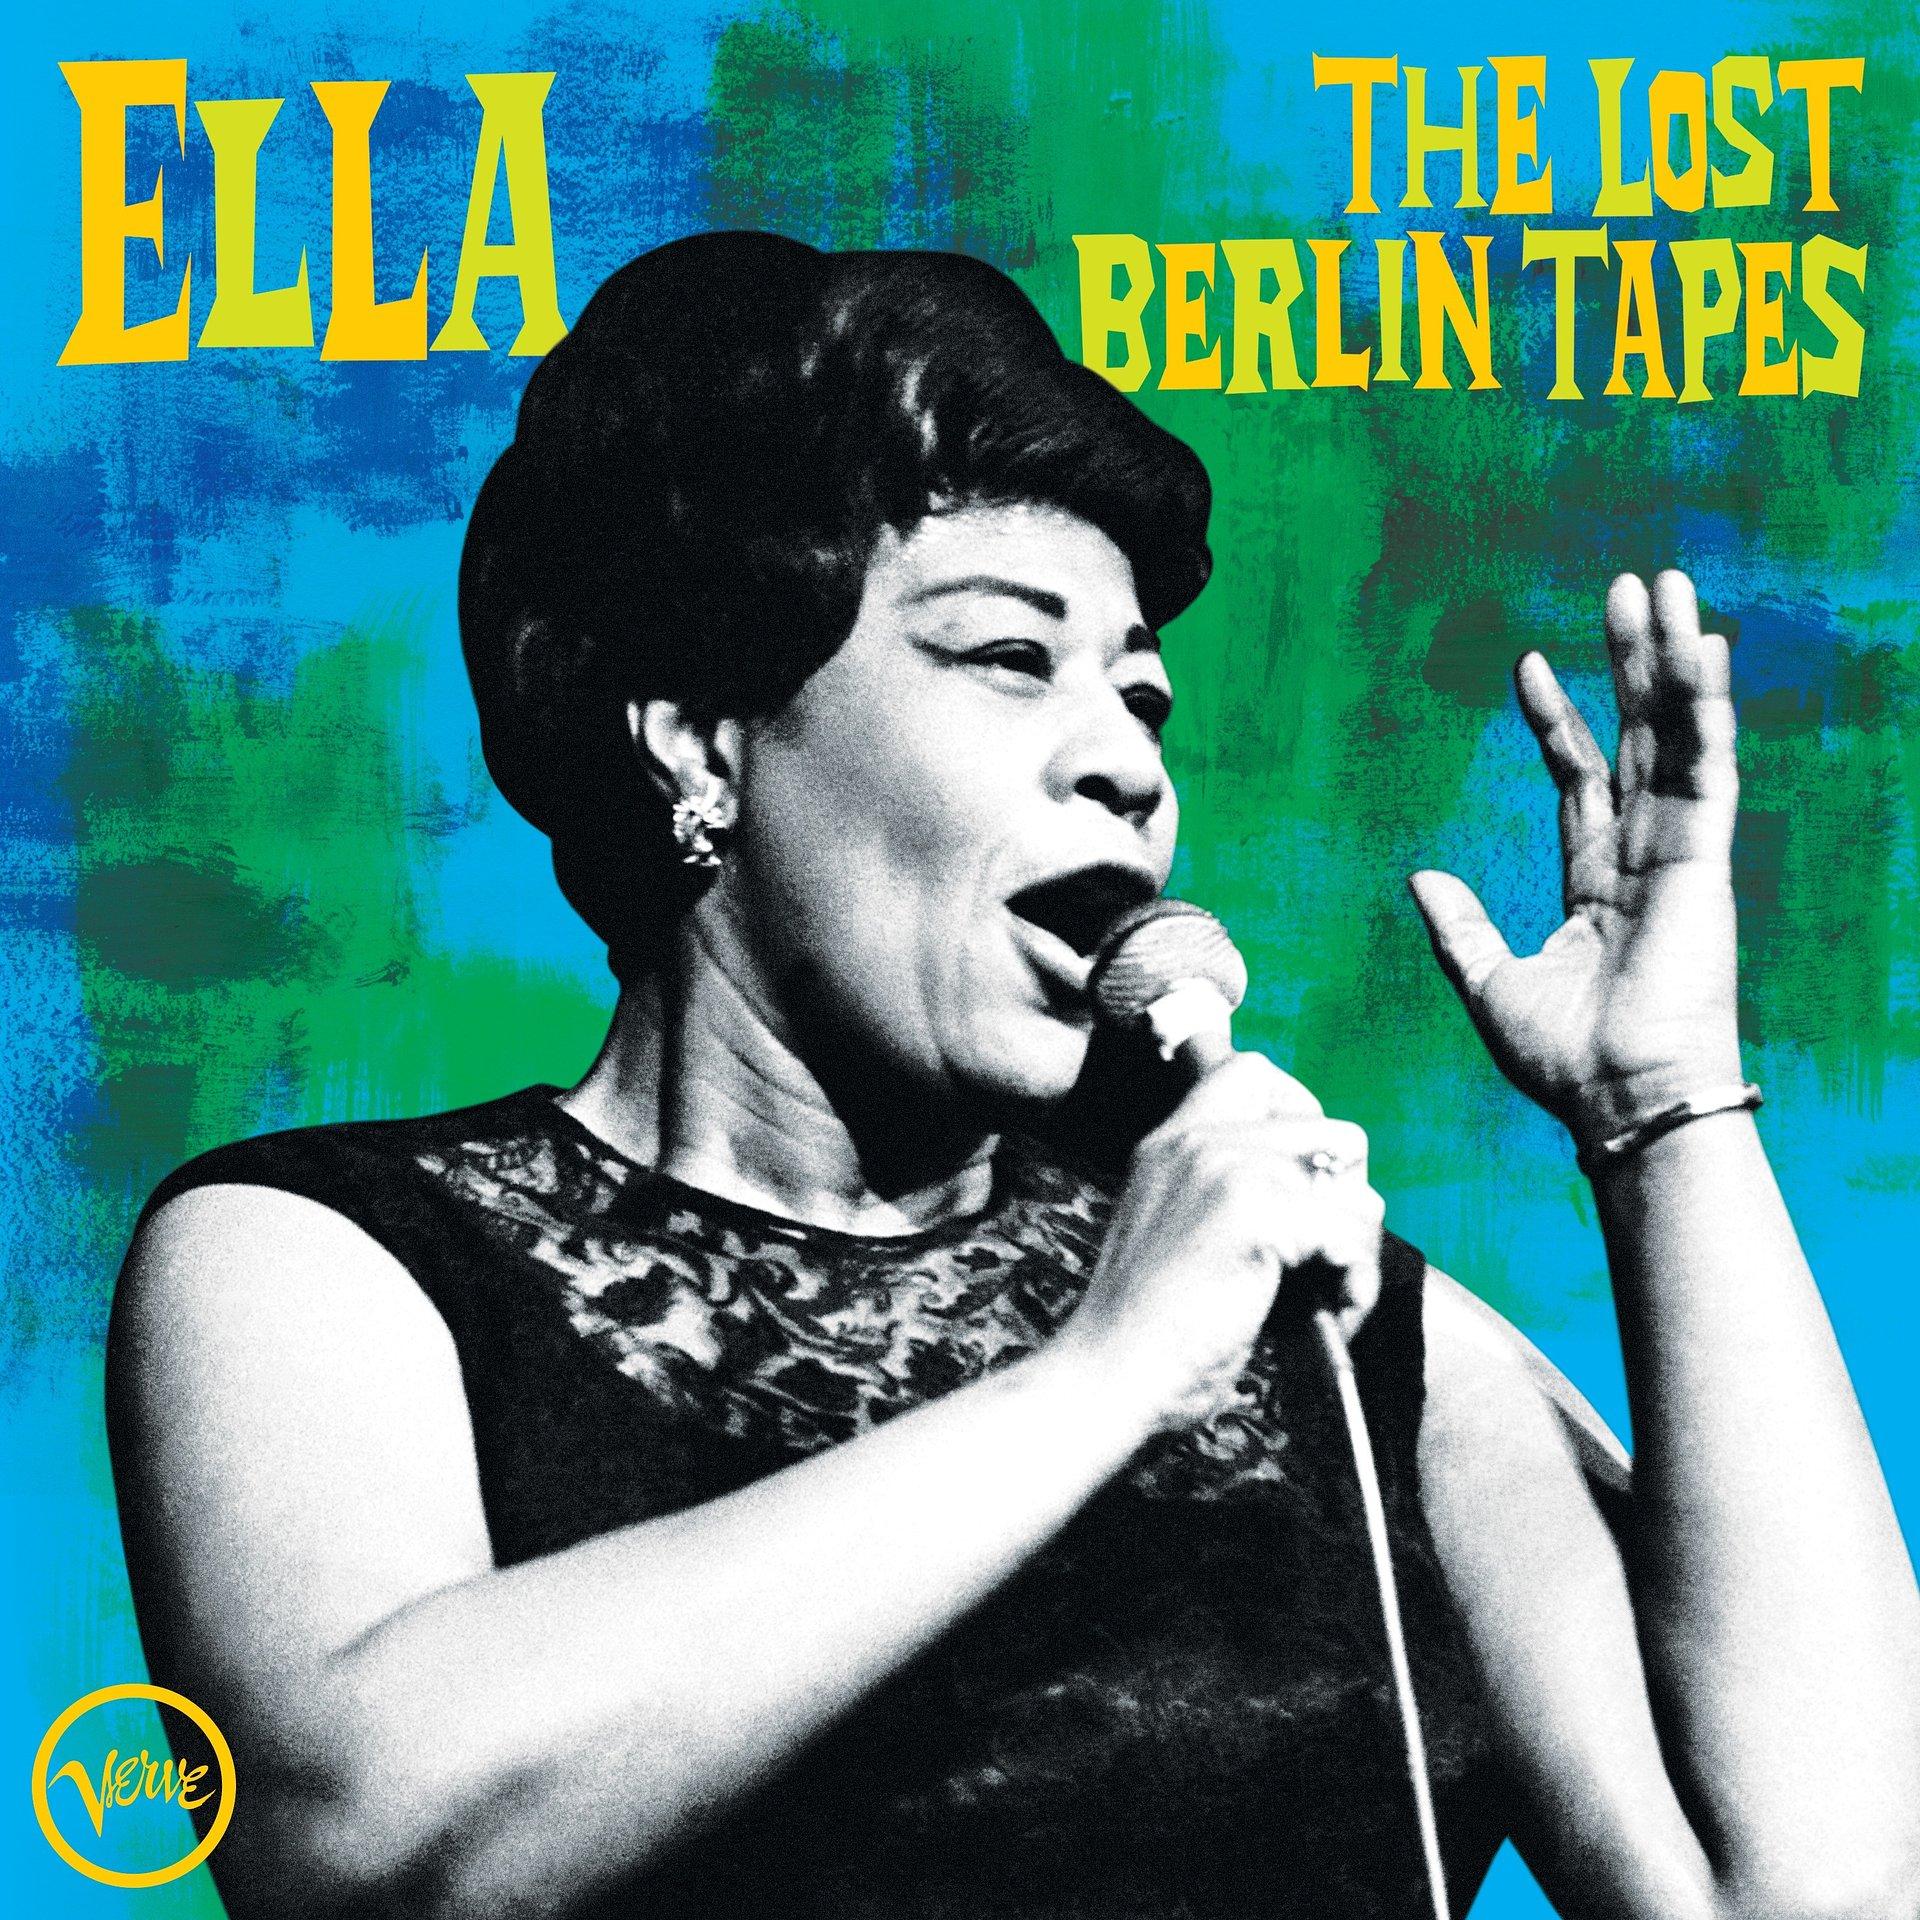 Koncert Elli Fitzgerald z Berlina z 1962 wydany po raz pierwszy